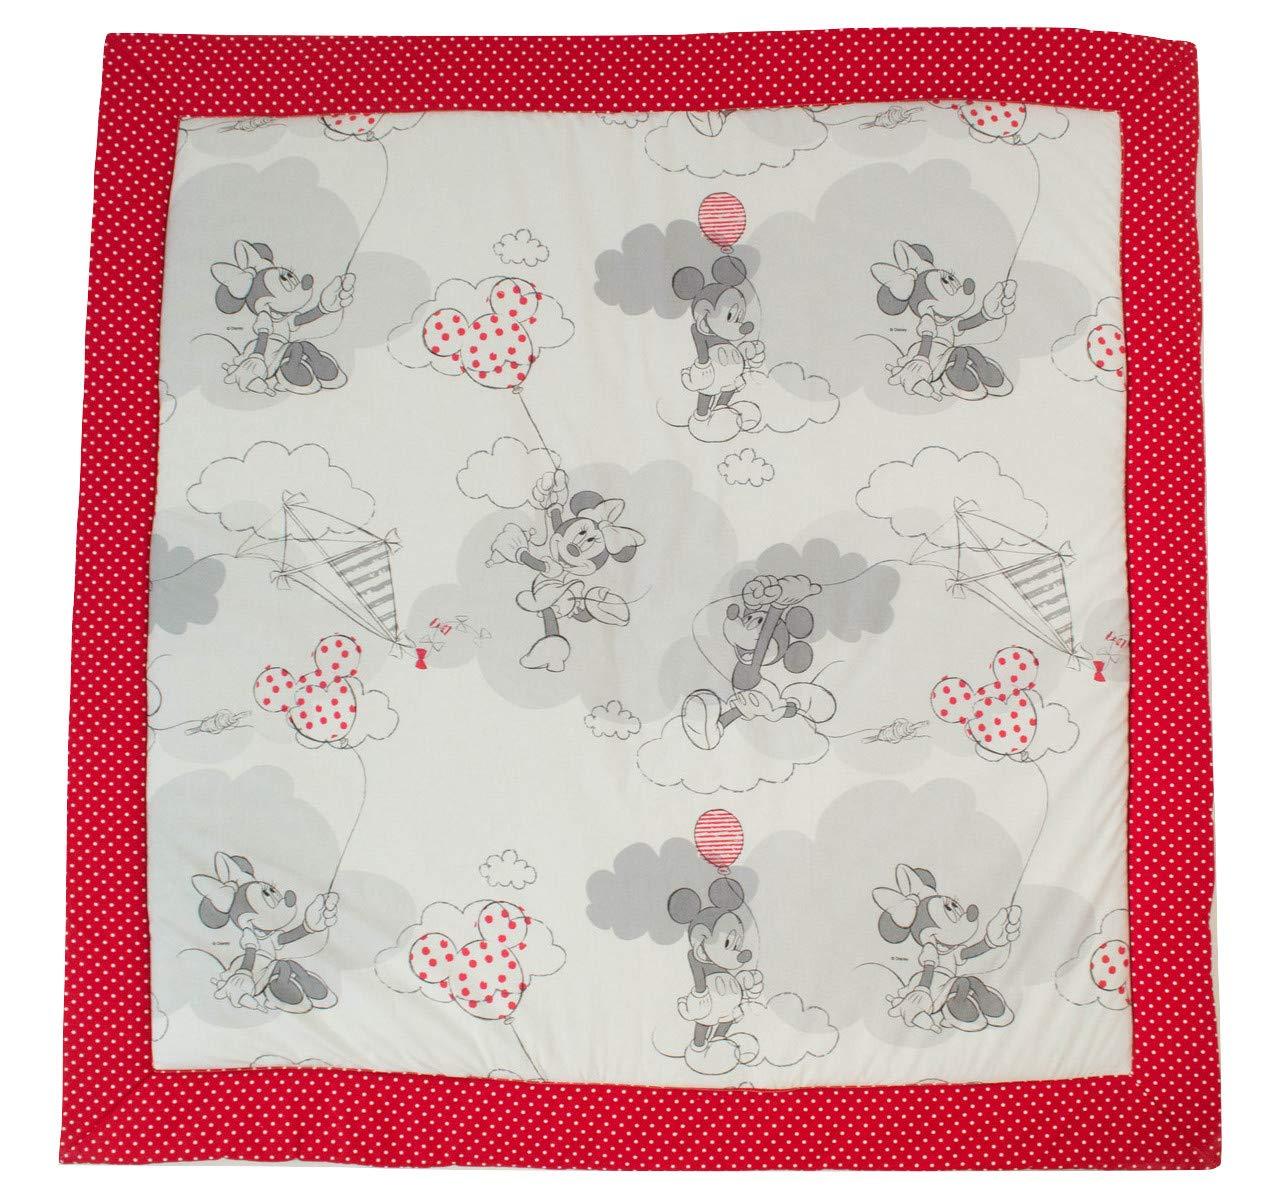 Disney Comet Red 120x120 cm Baby Mats for Floor. Baby Mickey & Minnie Model  Pink (120x120cm)